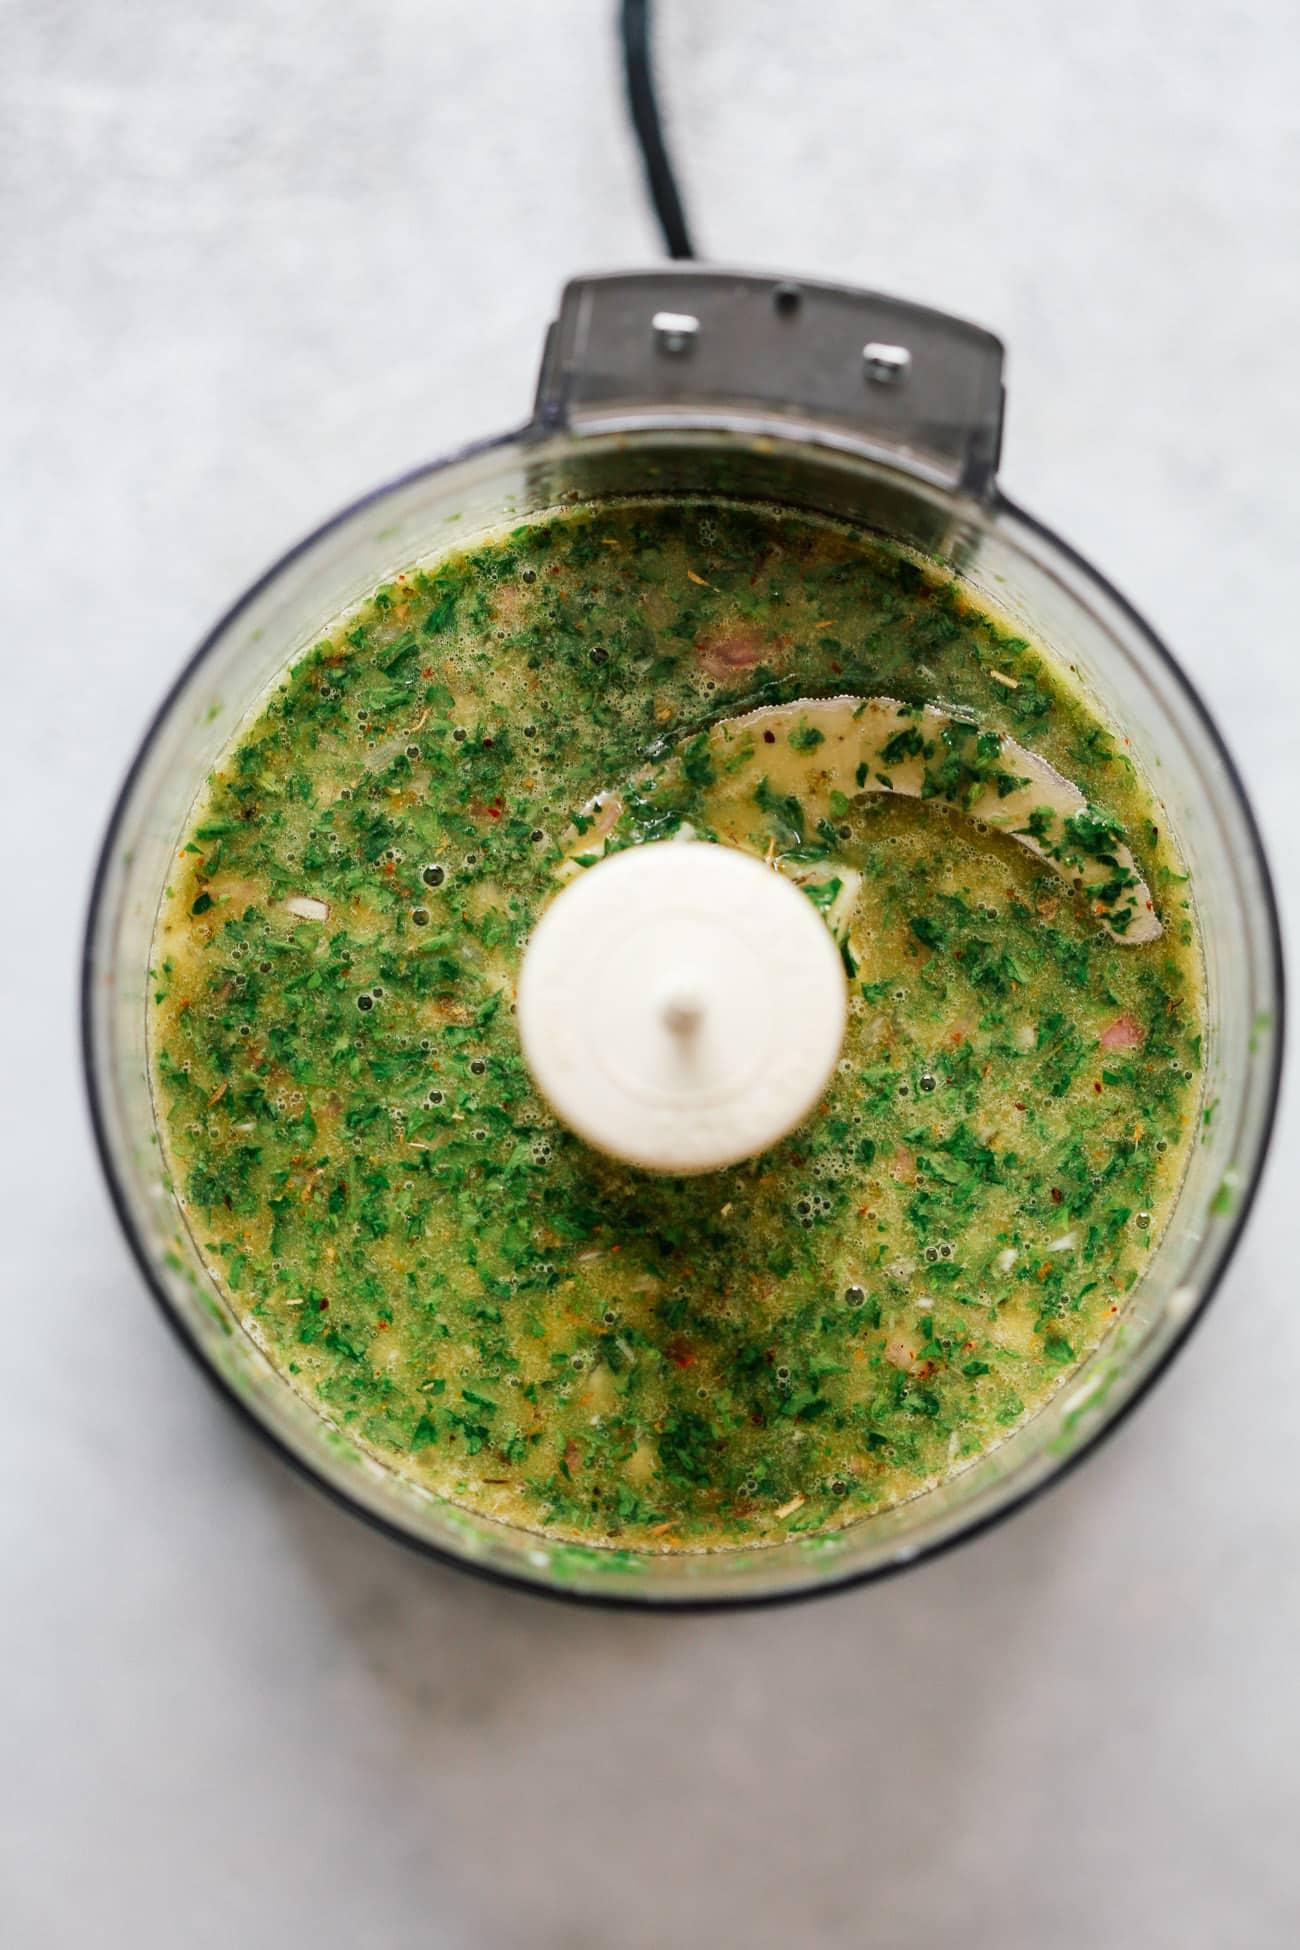 Making a chimichurri sauce recipe in a food processor